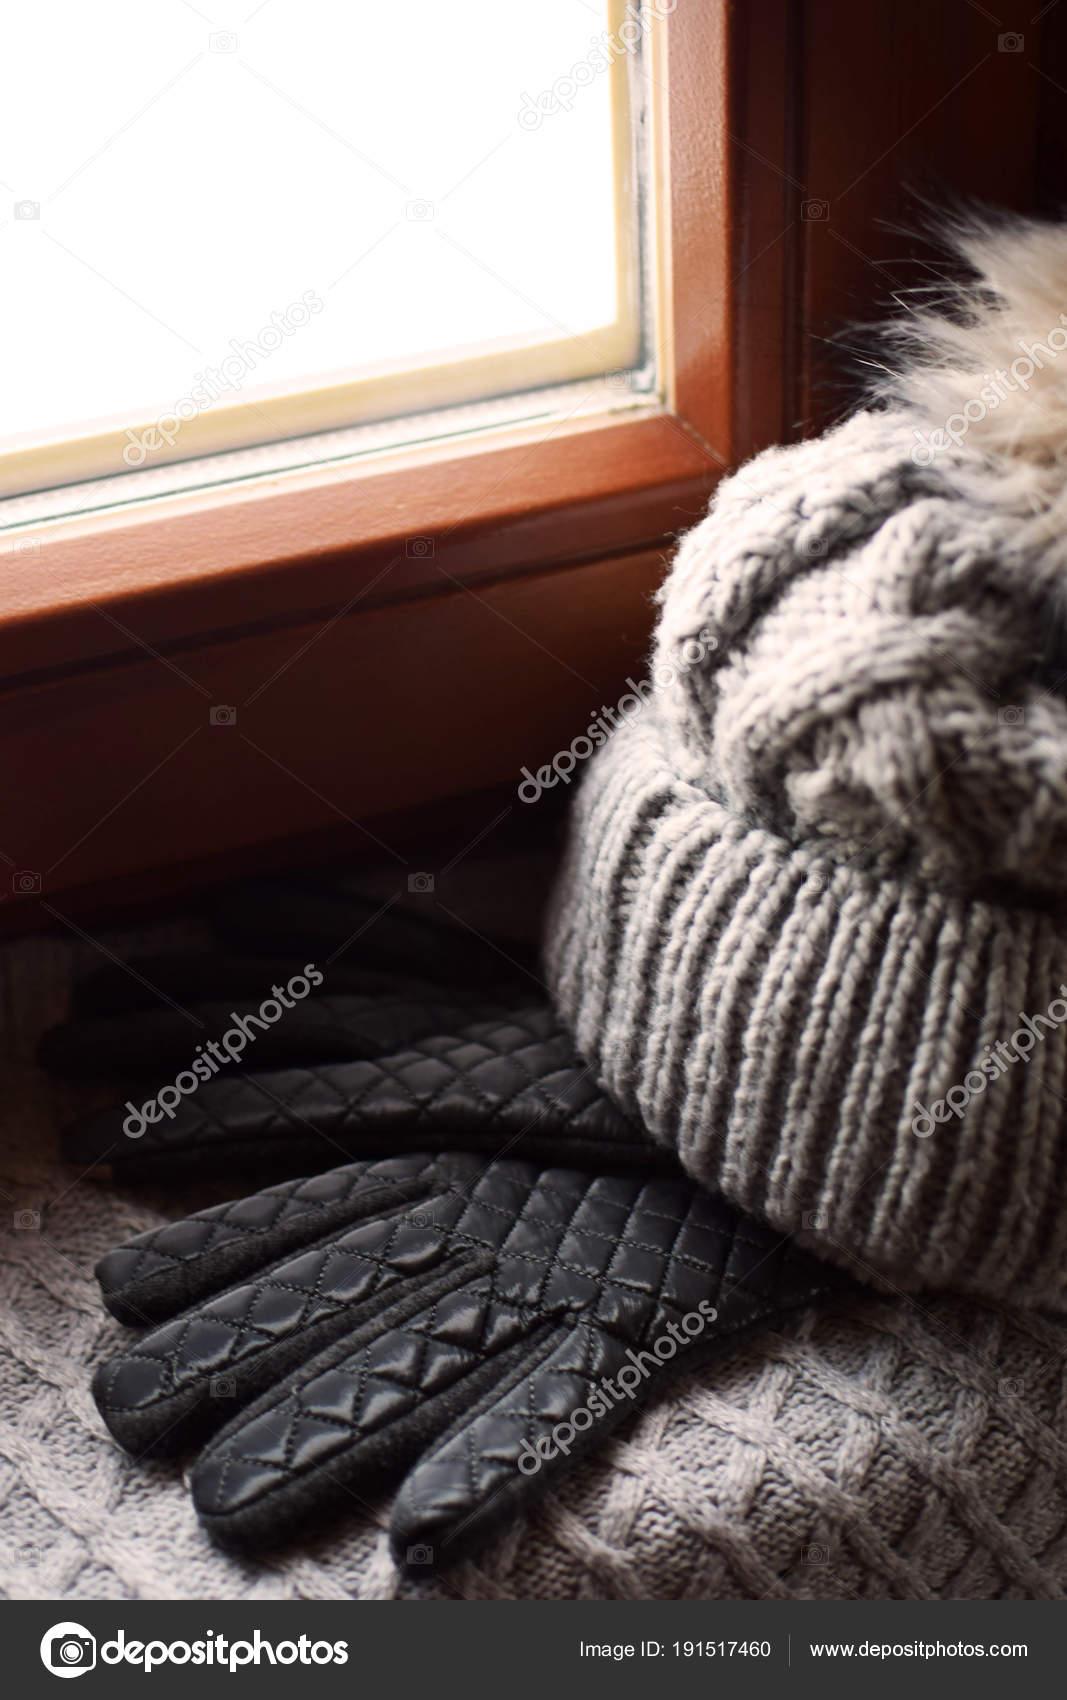 Gris en laine écharpe, gants et bonnet à pompon de fourrure sur le rebord  de la fenêtre. Fond de nature morte hiver avec accessoires chaleureux à  fenêtre en ... 345e1e528bf